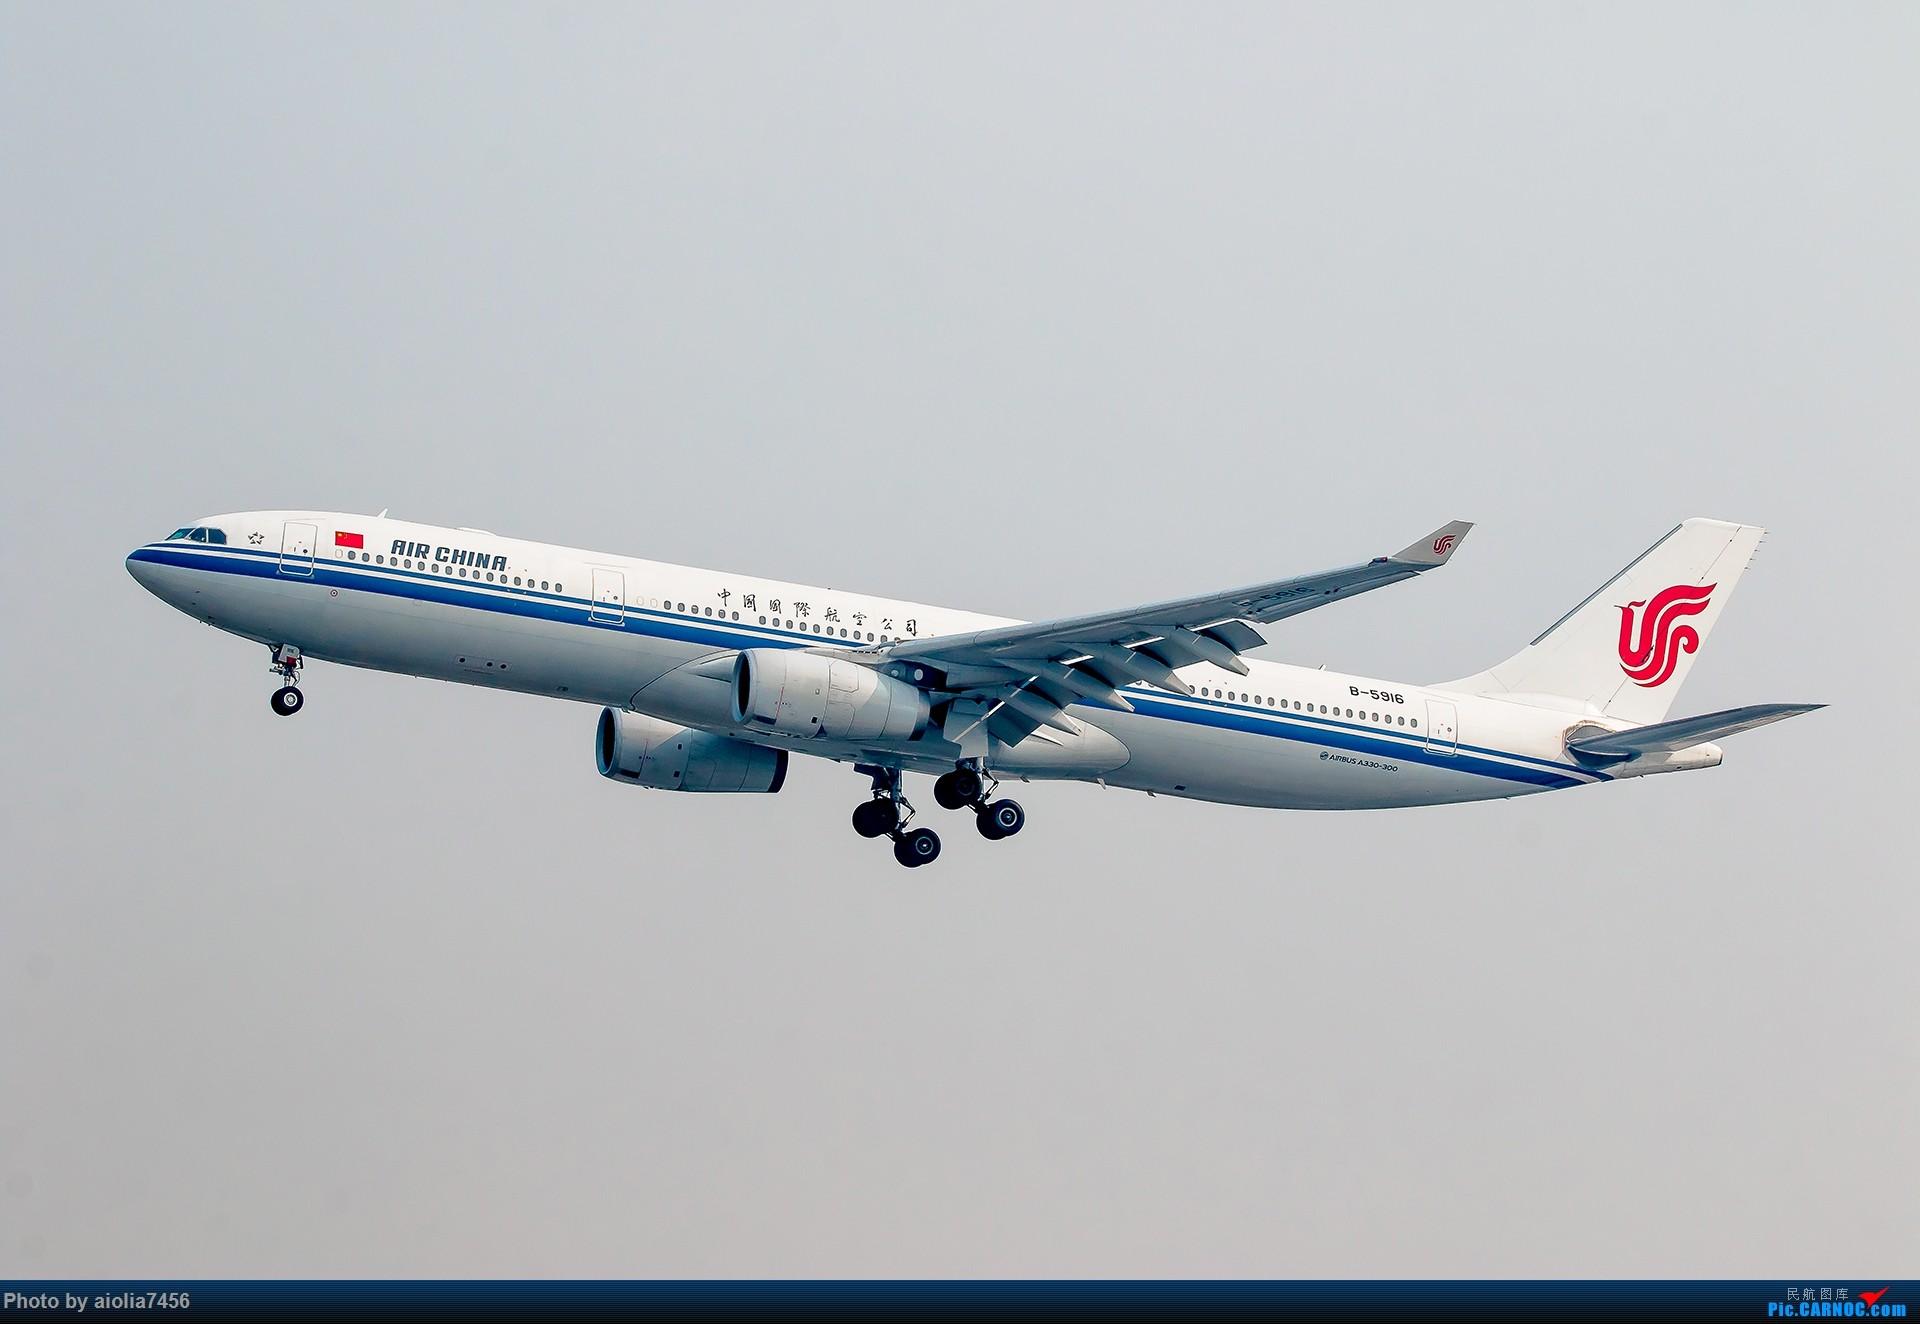 Re:[原创][霸都打机队]摸摸怀中的7D2,好宝宝,跟了新的主人你要乖乖听话哦,离开我之前,我带你逛一圈ZSSS,最后一次陪我看看那些我们不怎么看得到的宽体吧。 AIRBUS A330-300 B-5916 中国上海虹桥国际机场